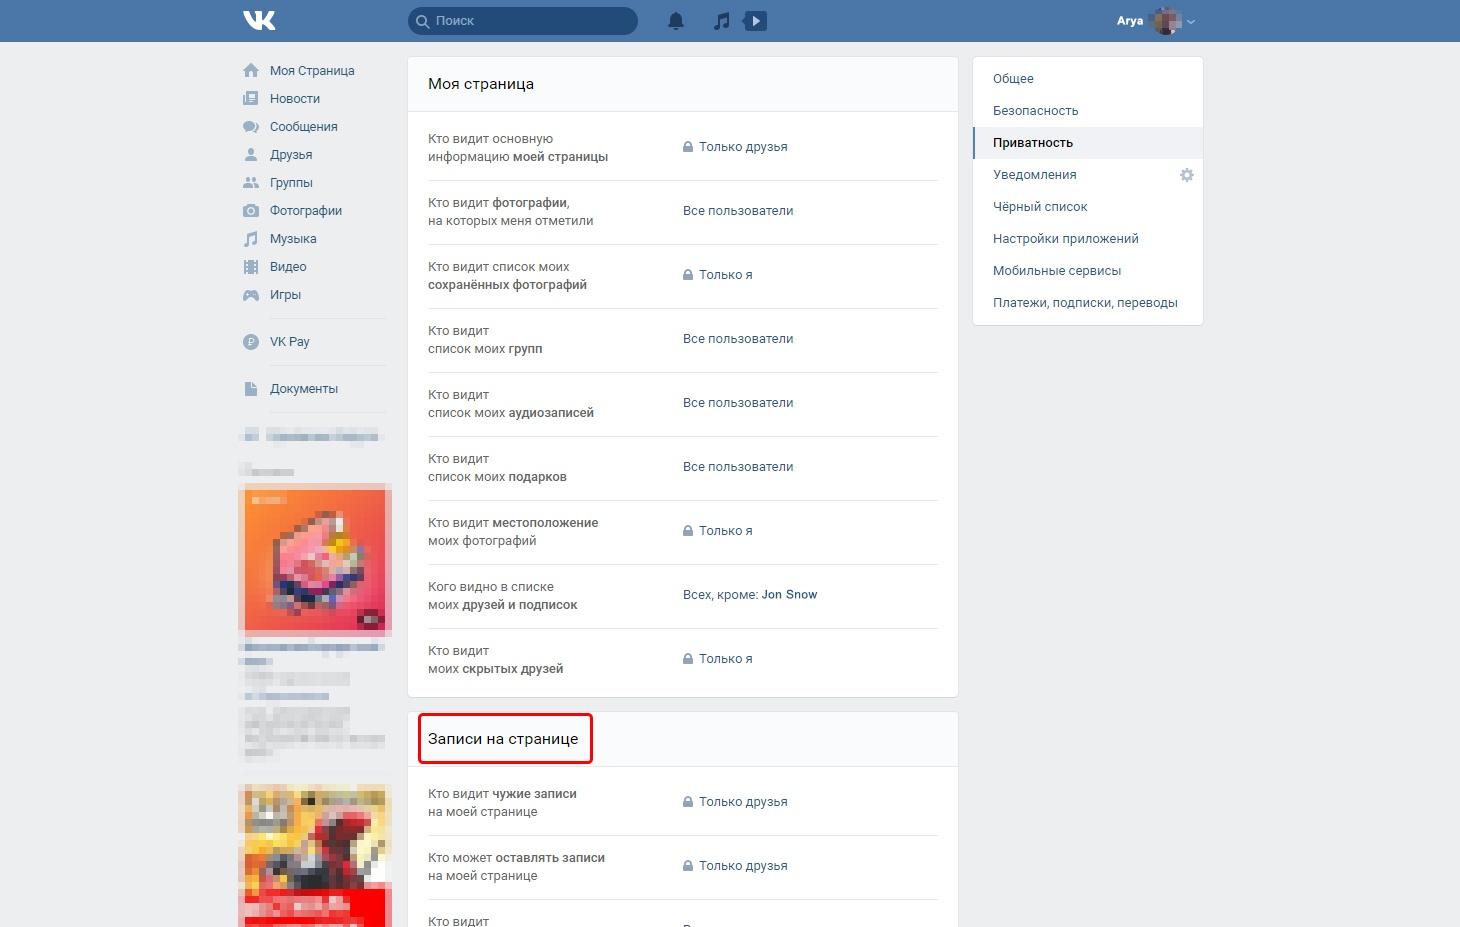 Настройки ВКонтакте: кто видит записи на моей странице